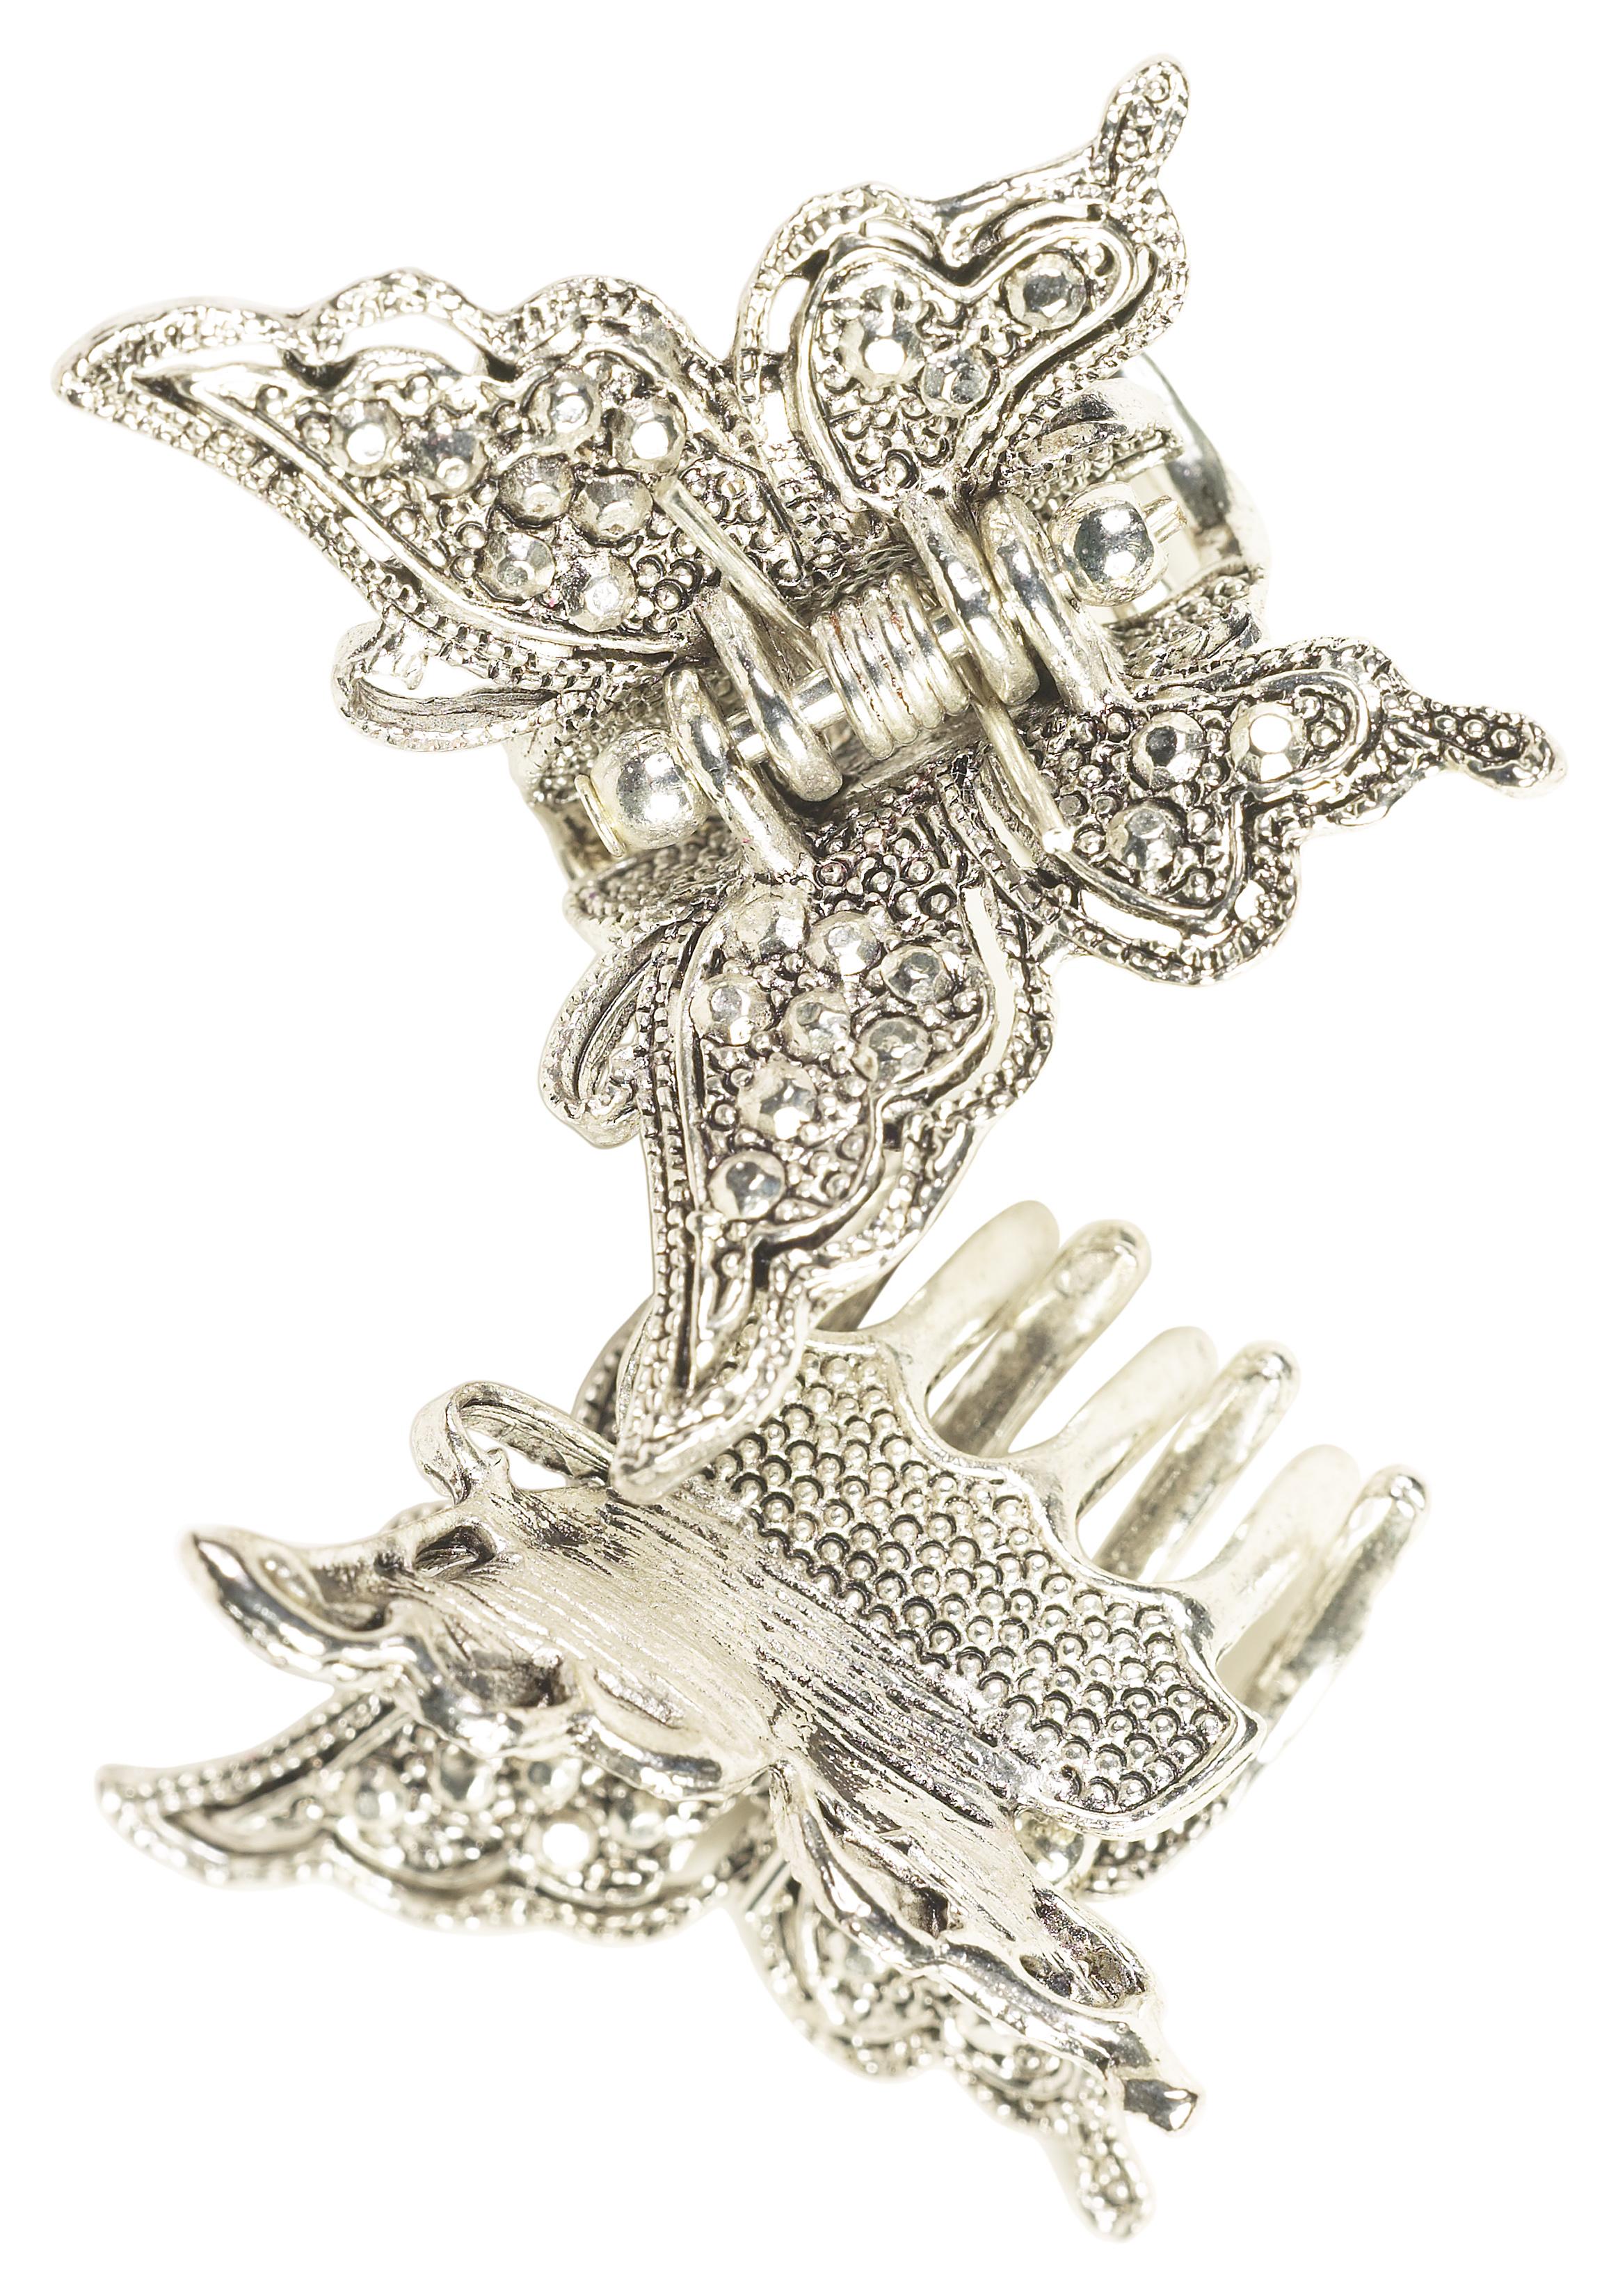 """Малките шноли за коса с пеперудки. Някои ги наричаха също и """"треперушки"""", подобно на обеците."""